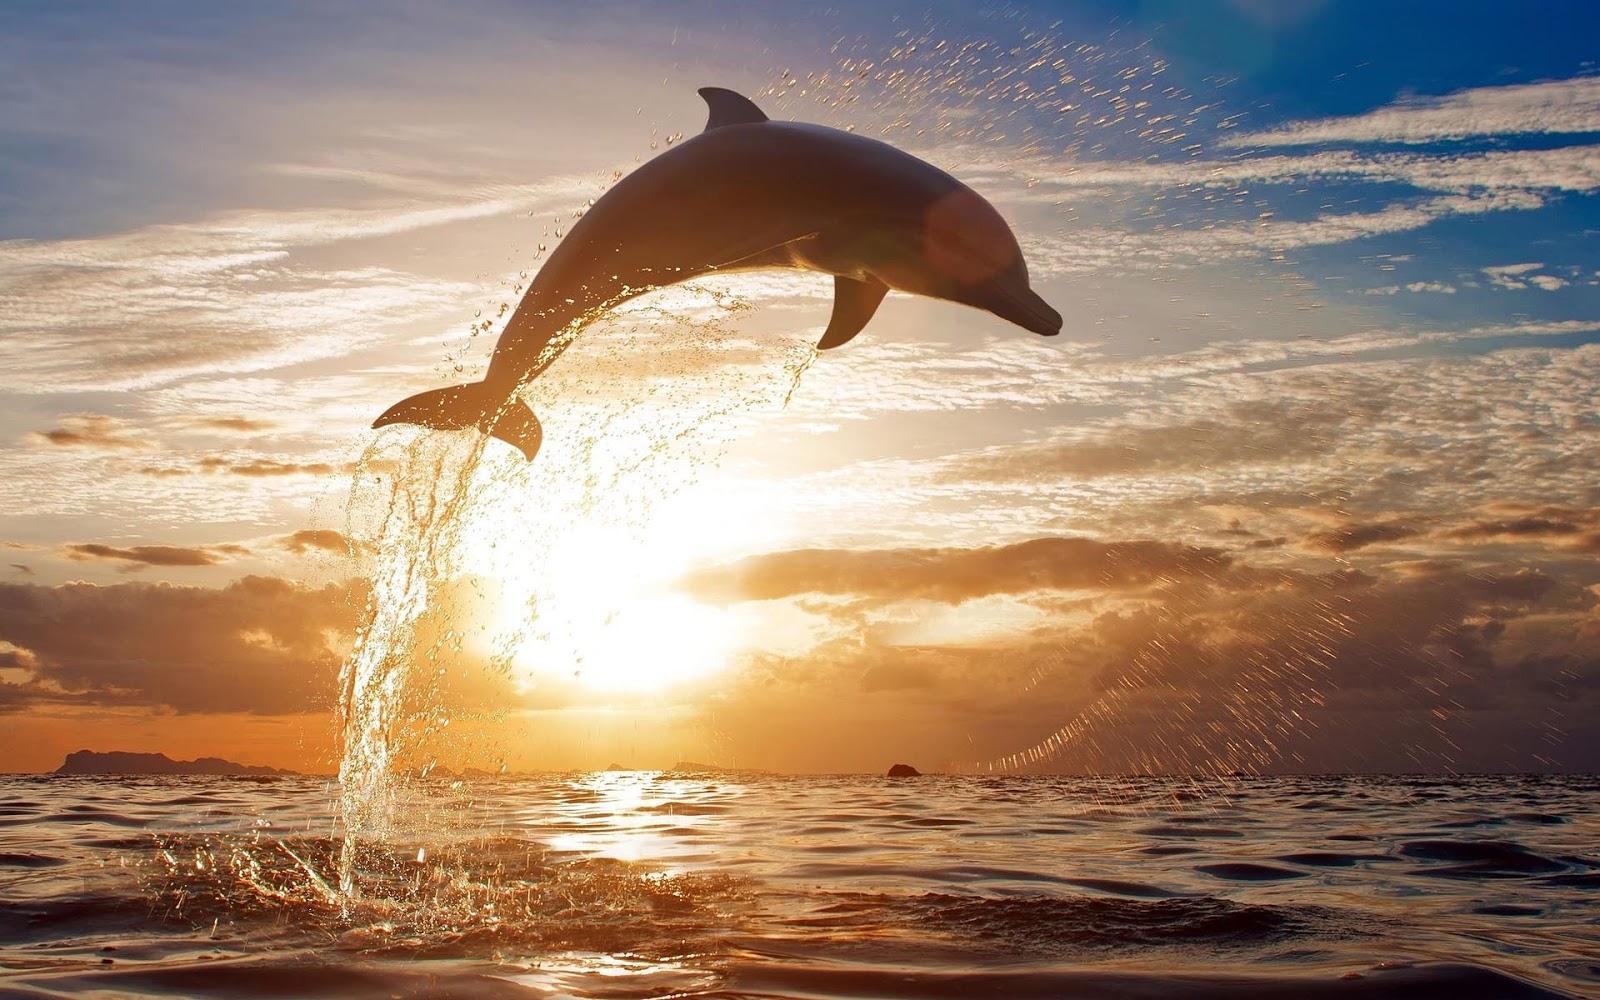 Dolfijnen achtergronden : Bureaublad Achtergronden